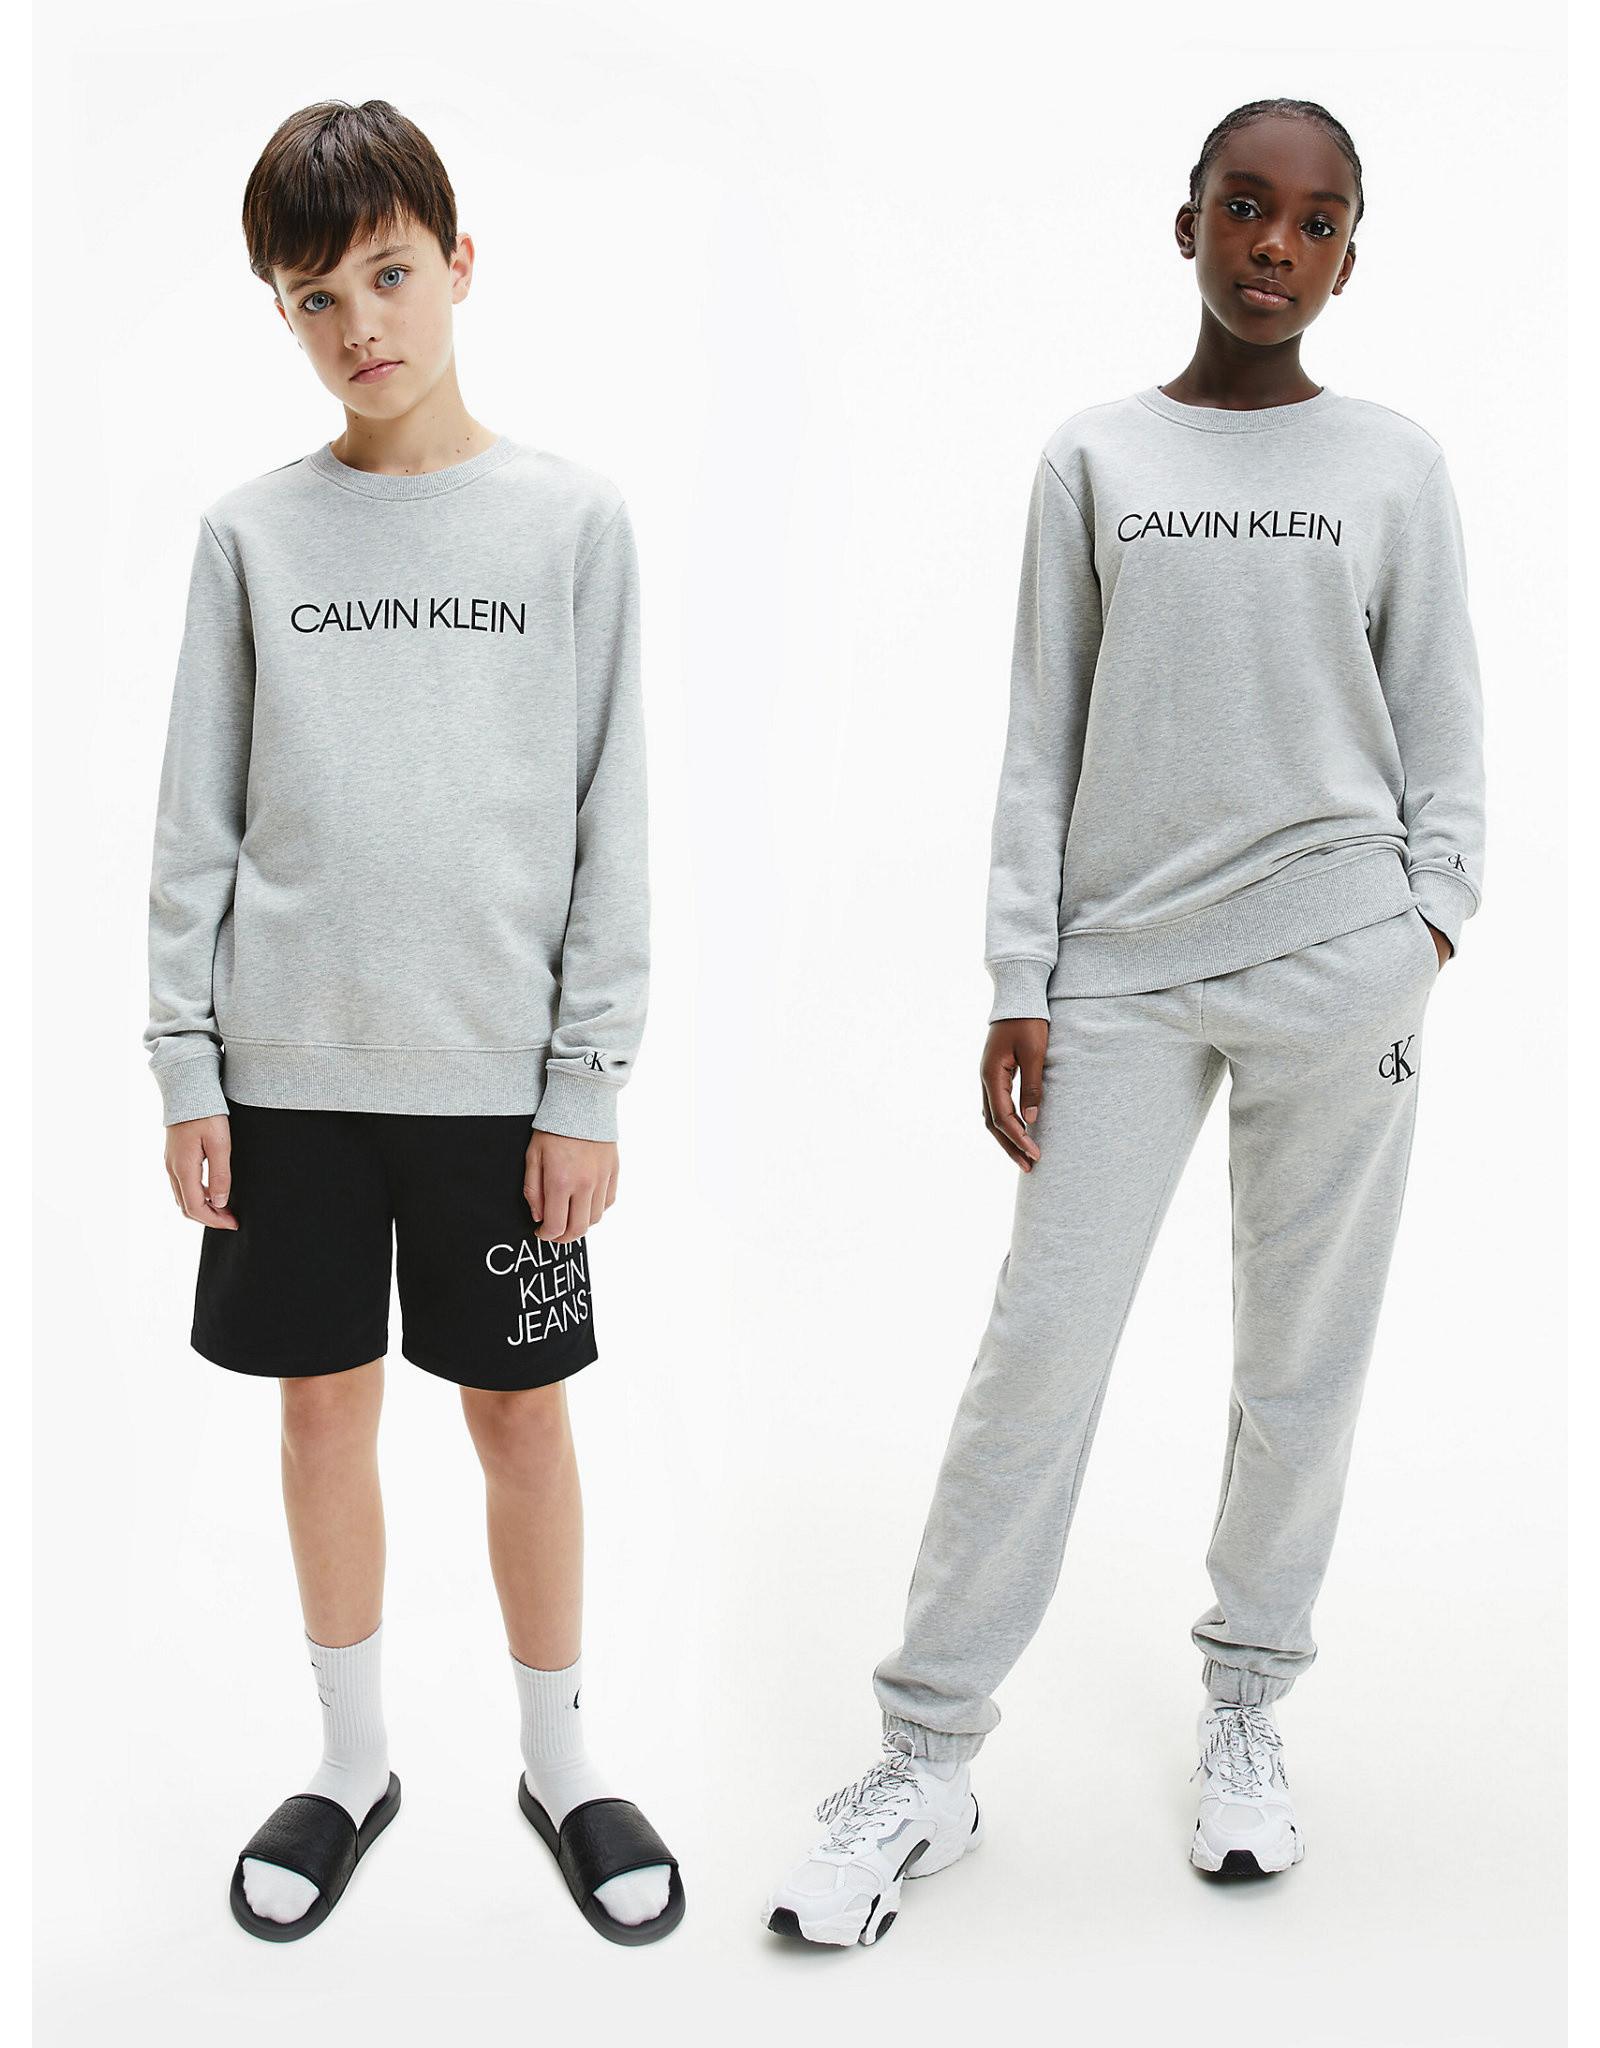 Calvin Klein 00162 Sweater